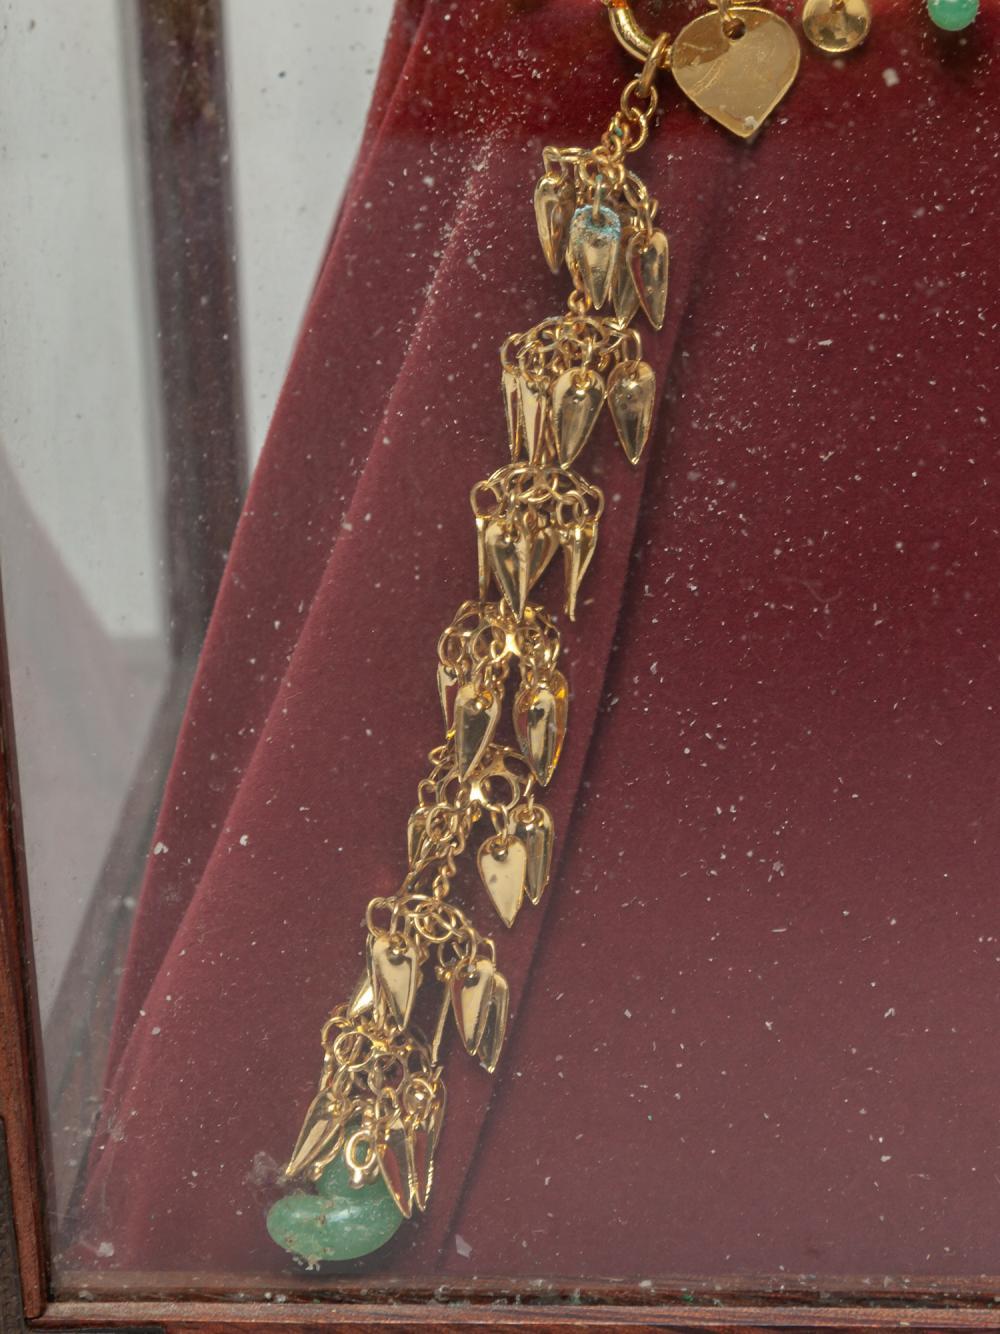 Korean 24K G/F Crown Sculpture